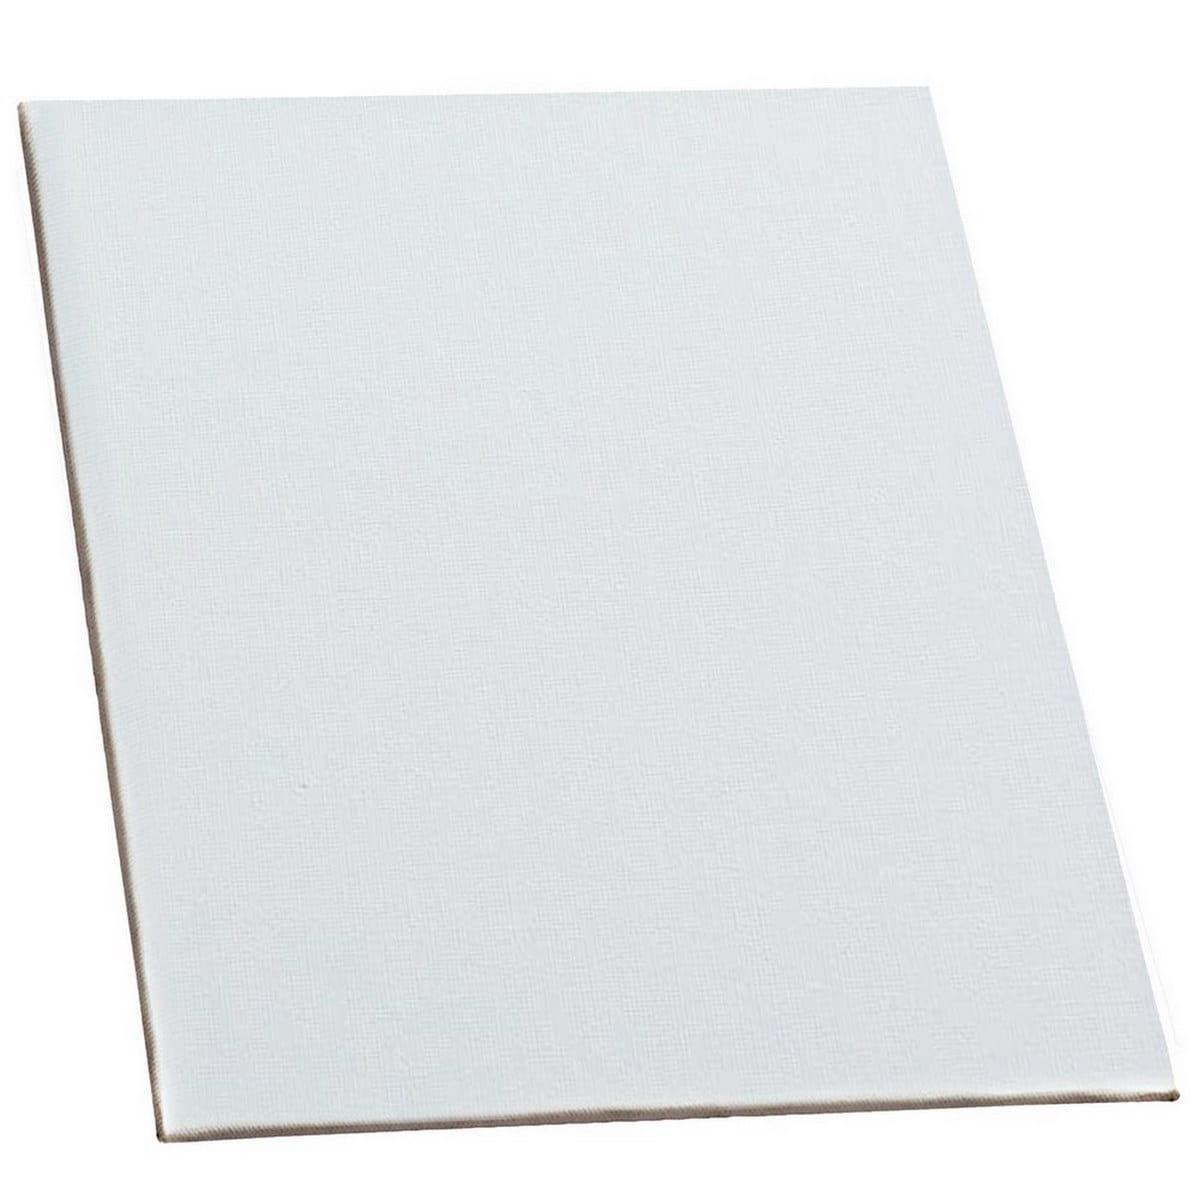 MDF White Canvas Board Size: 7.5 X 7.5 cm (3x3 Inches)